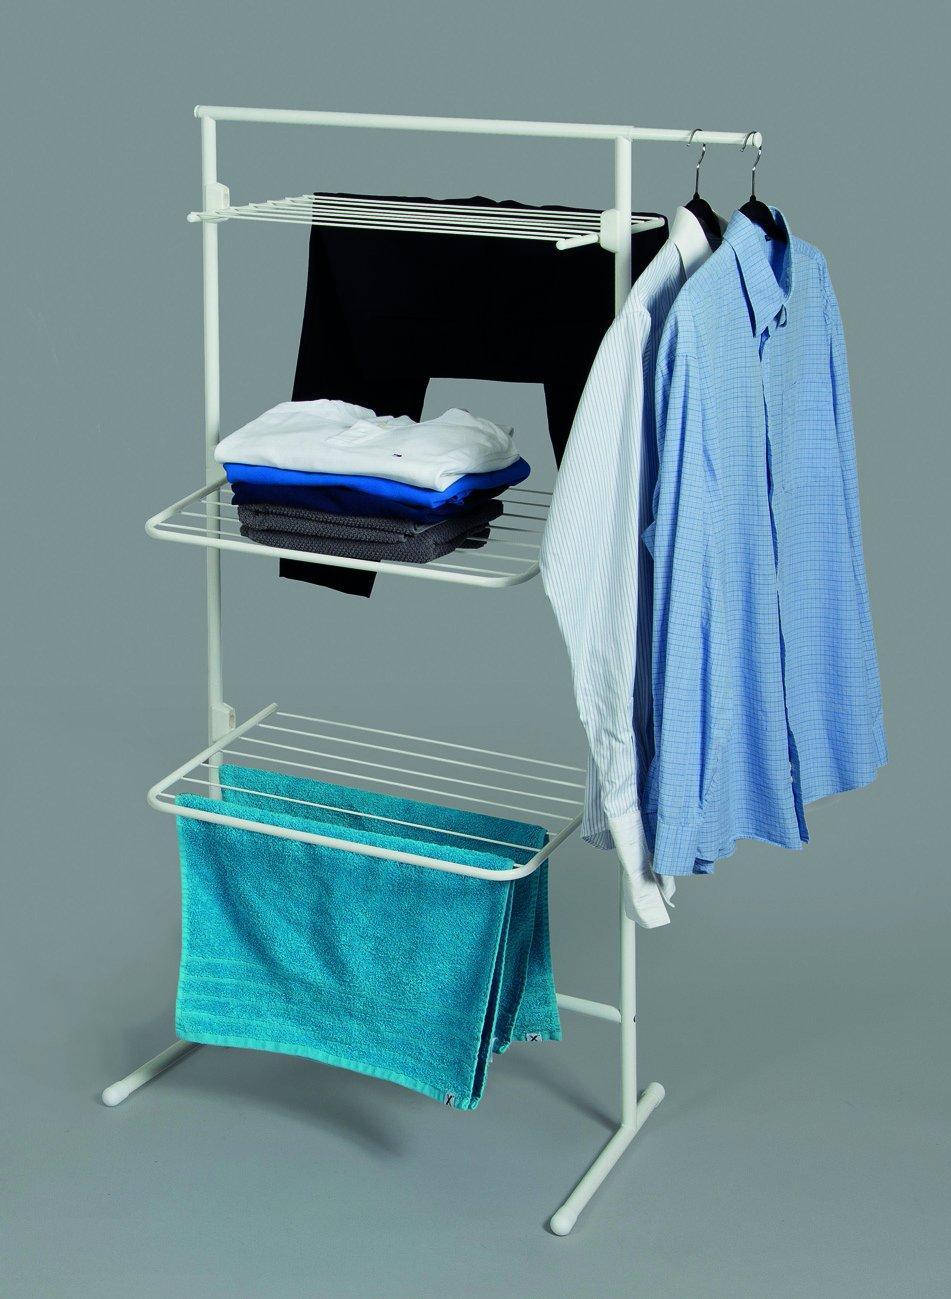 Rörets Wäscheständer schwedisches Design 0113-027 flexibler Turmwäscheständer für kleinen Wohnraum Turm Modell Triple